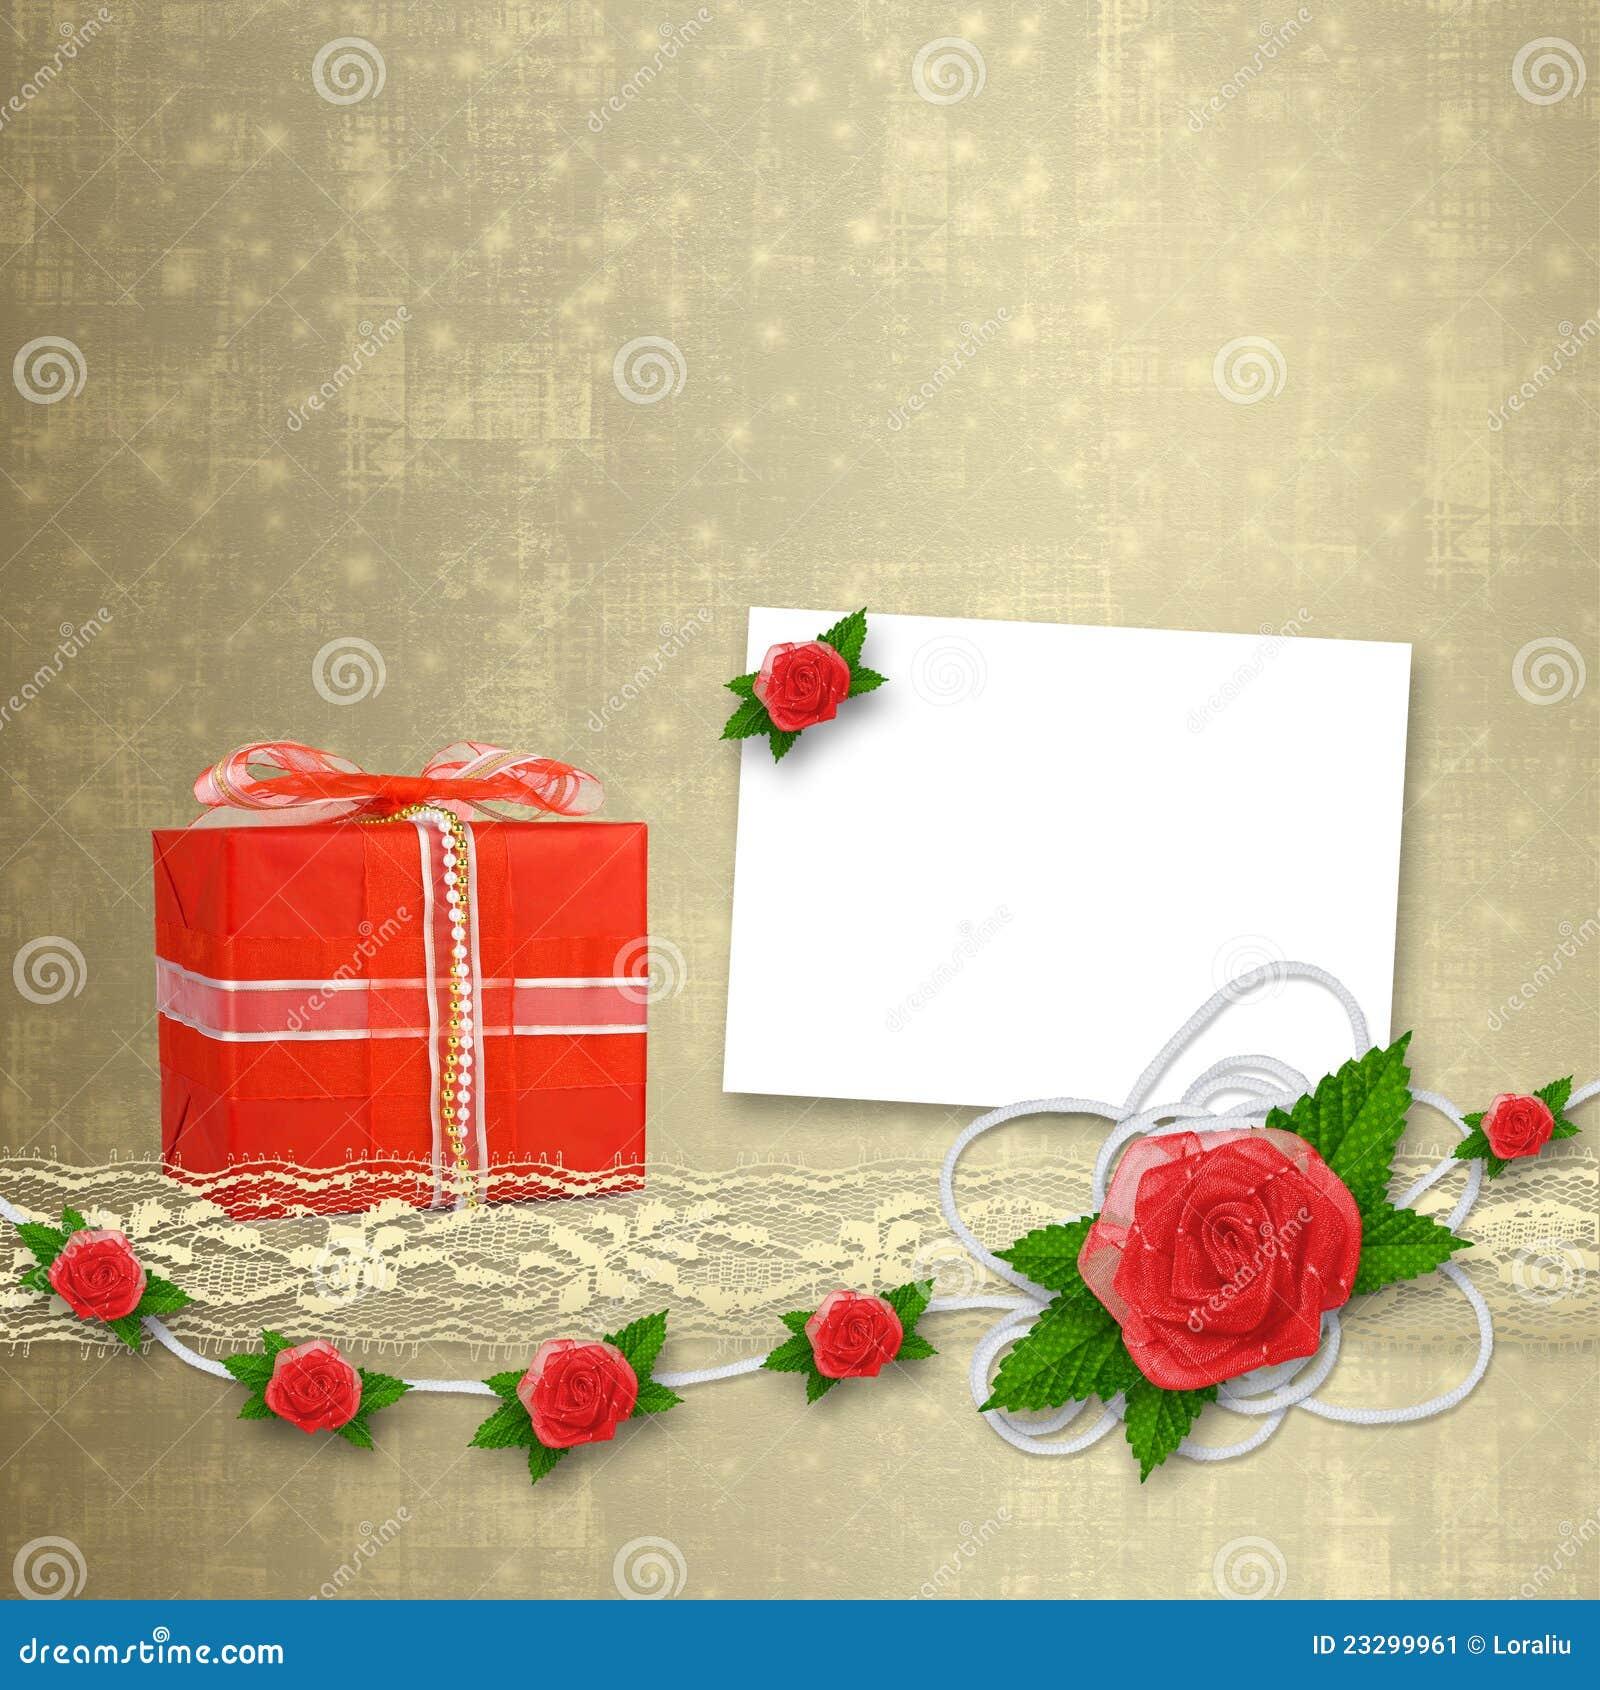 Kaart voor uitnodiging met knoopsgat en kant